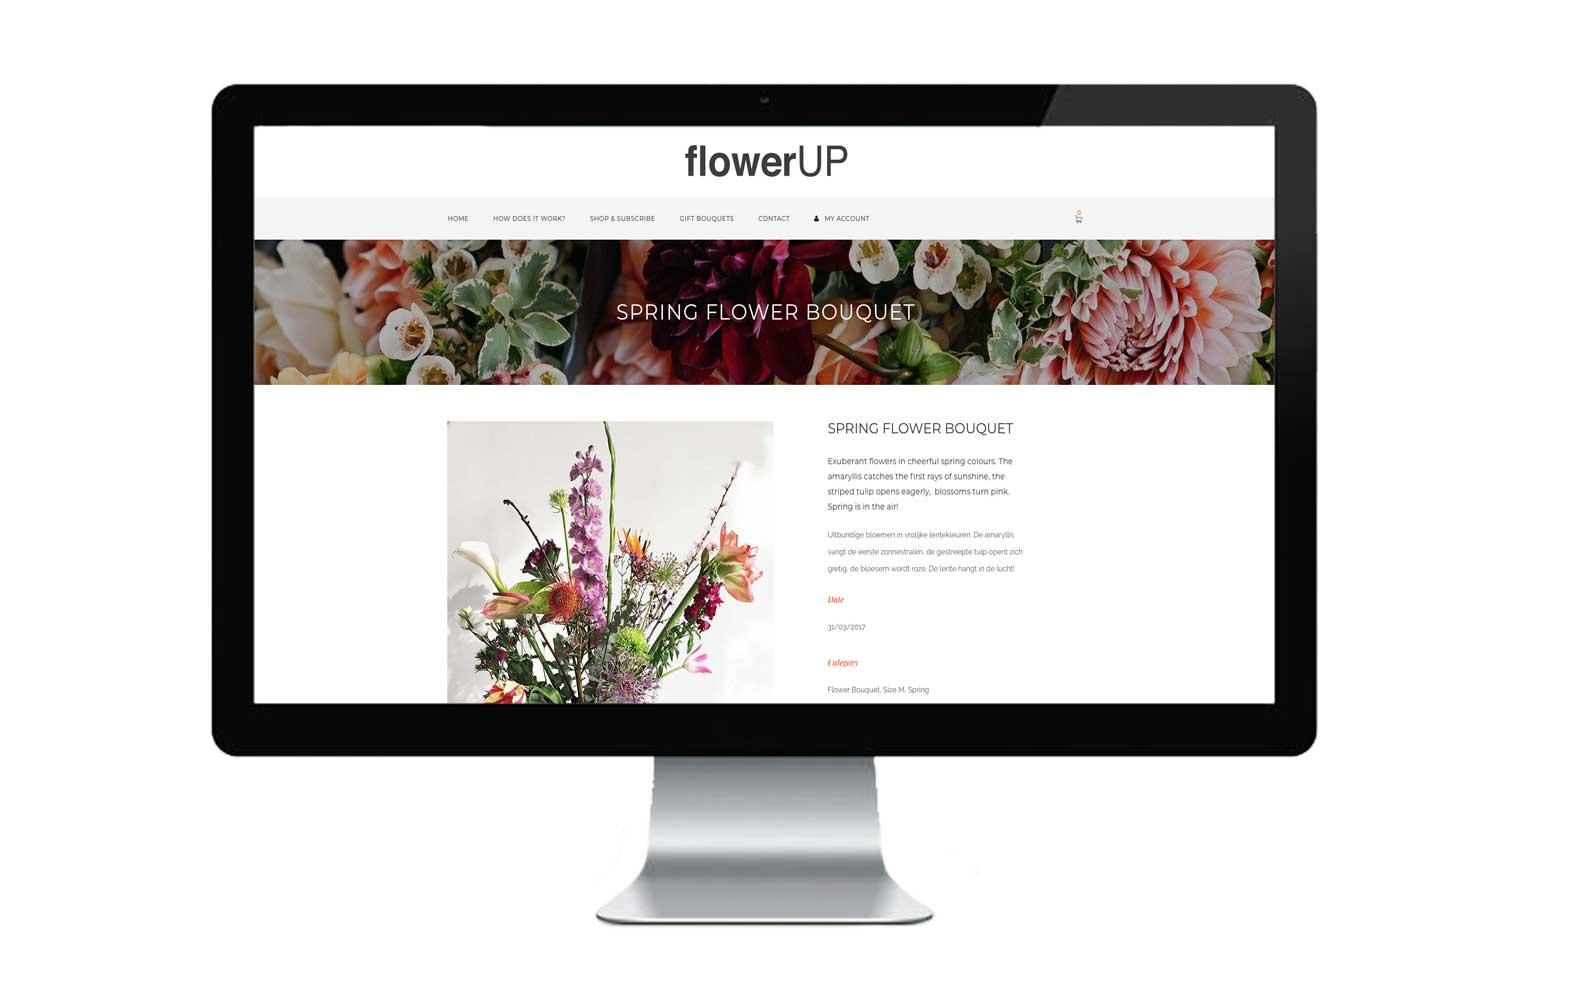 StudioErnst-FlowerUp-website8